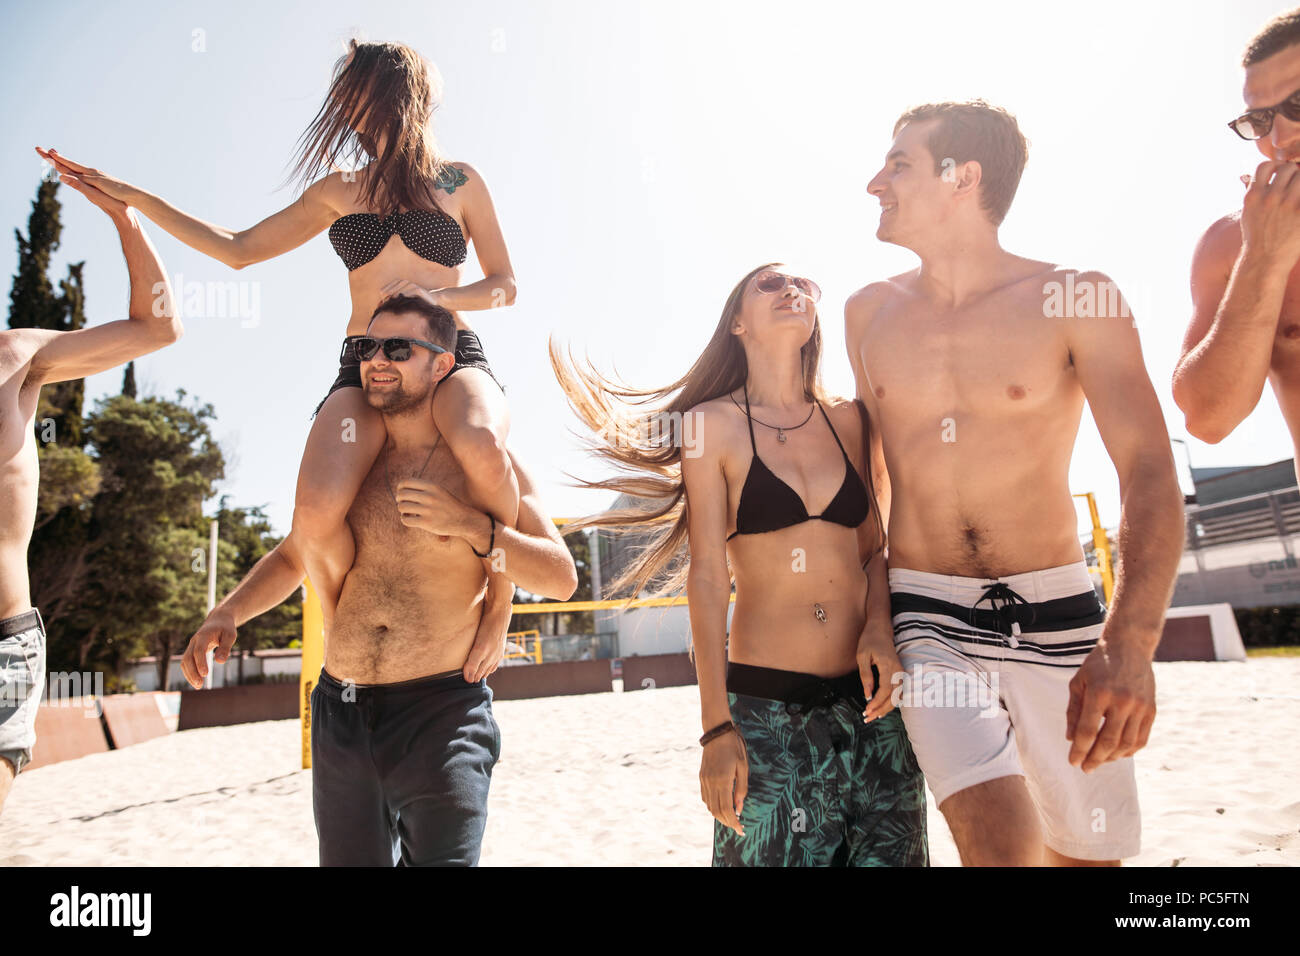 Unión personas adultas, alegres chicos y una chica, gastando su tiempo de ocio en el hotel campo de voleibol de arena, divertirse, vivir sano y activo lifestyl Imagen De Stock